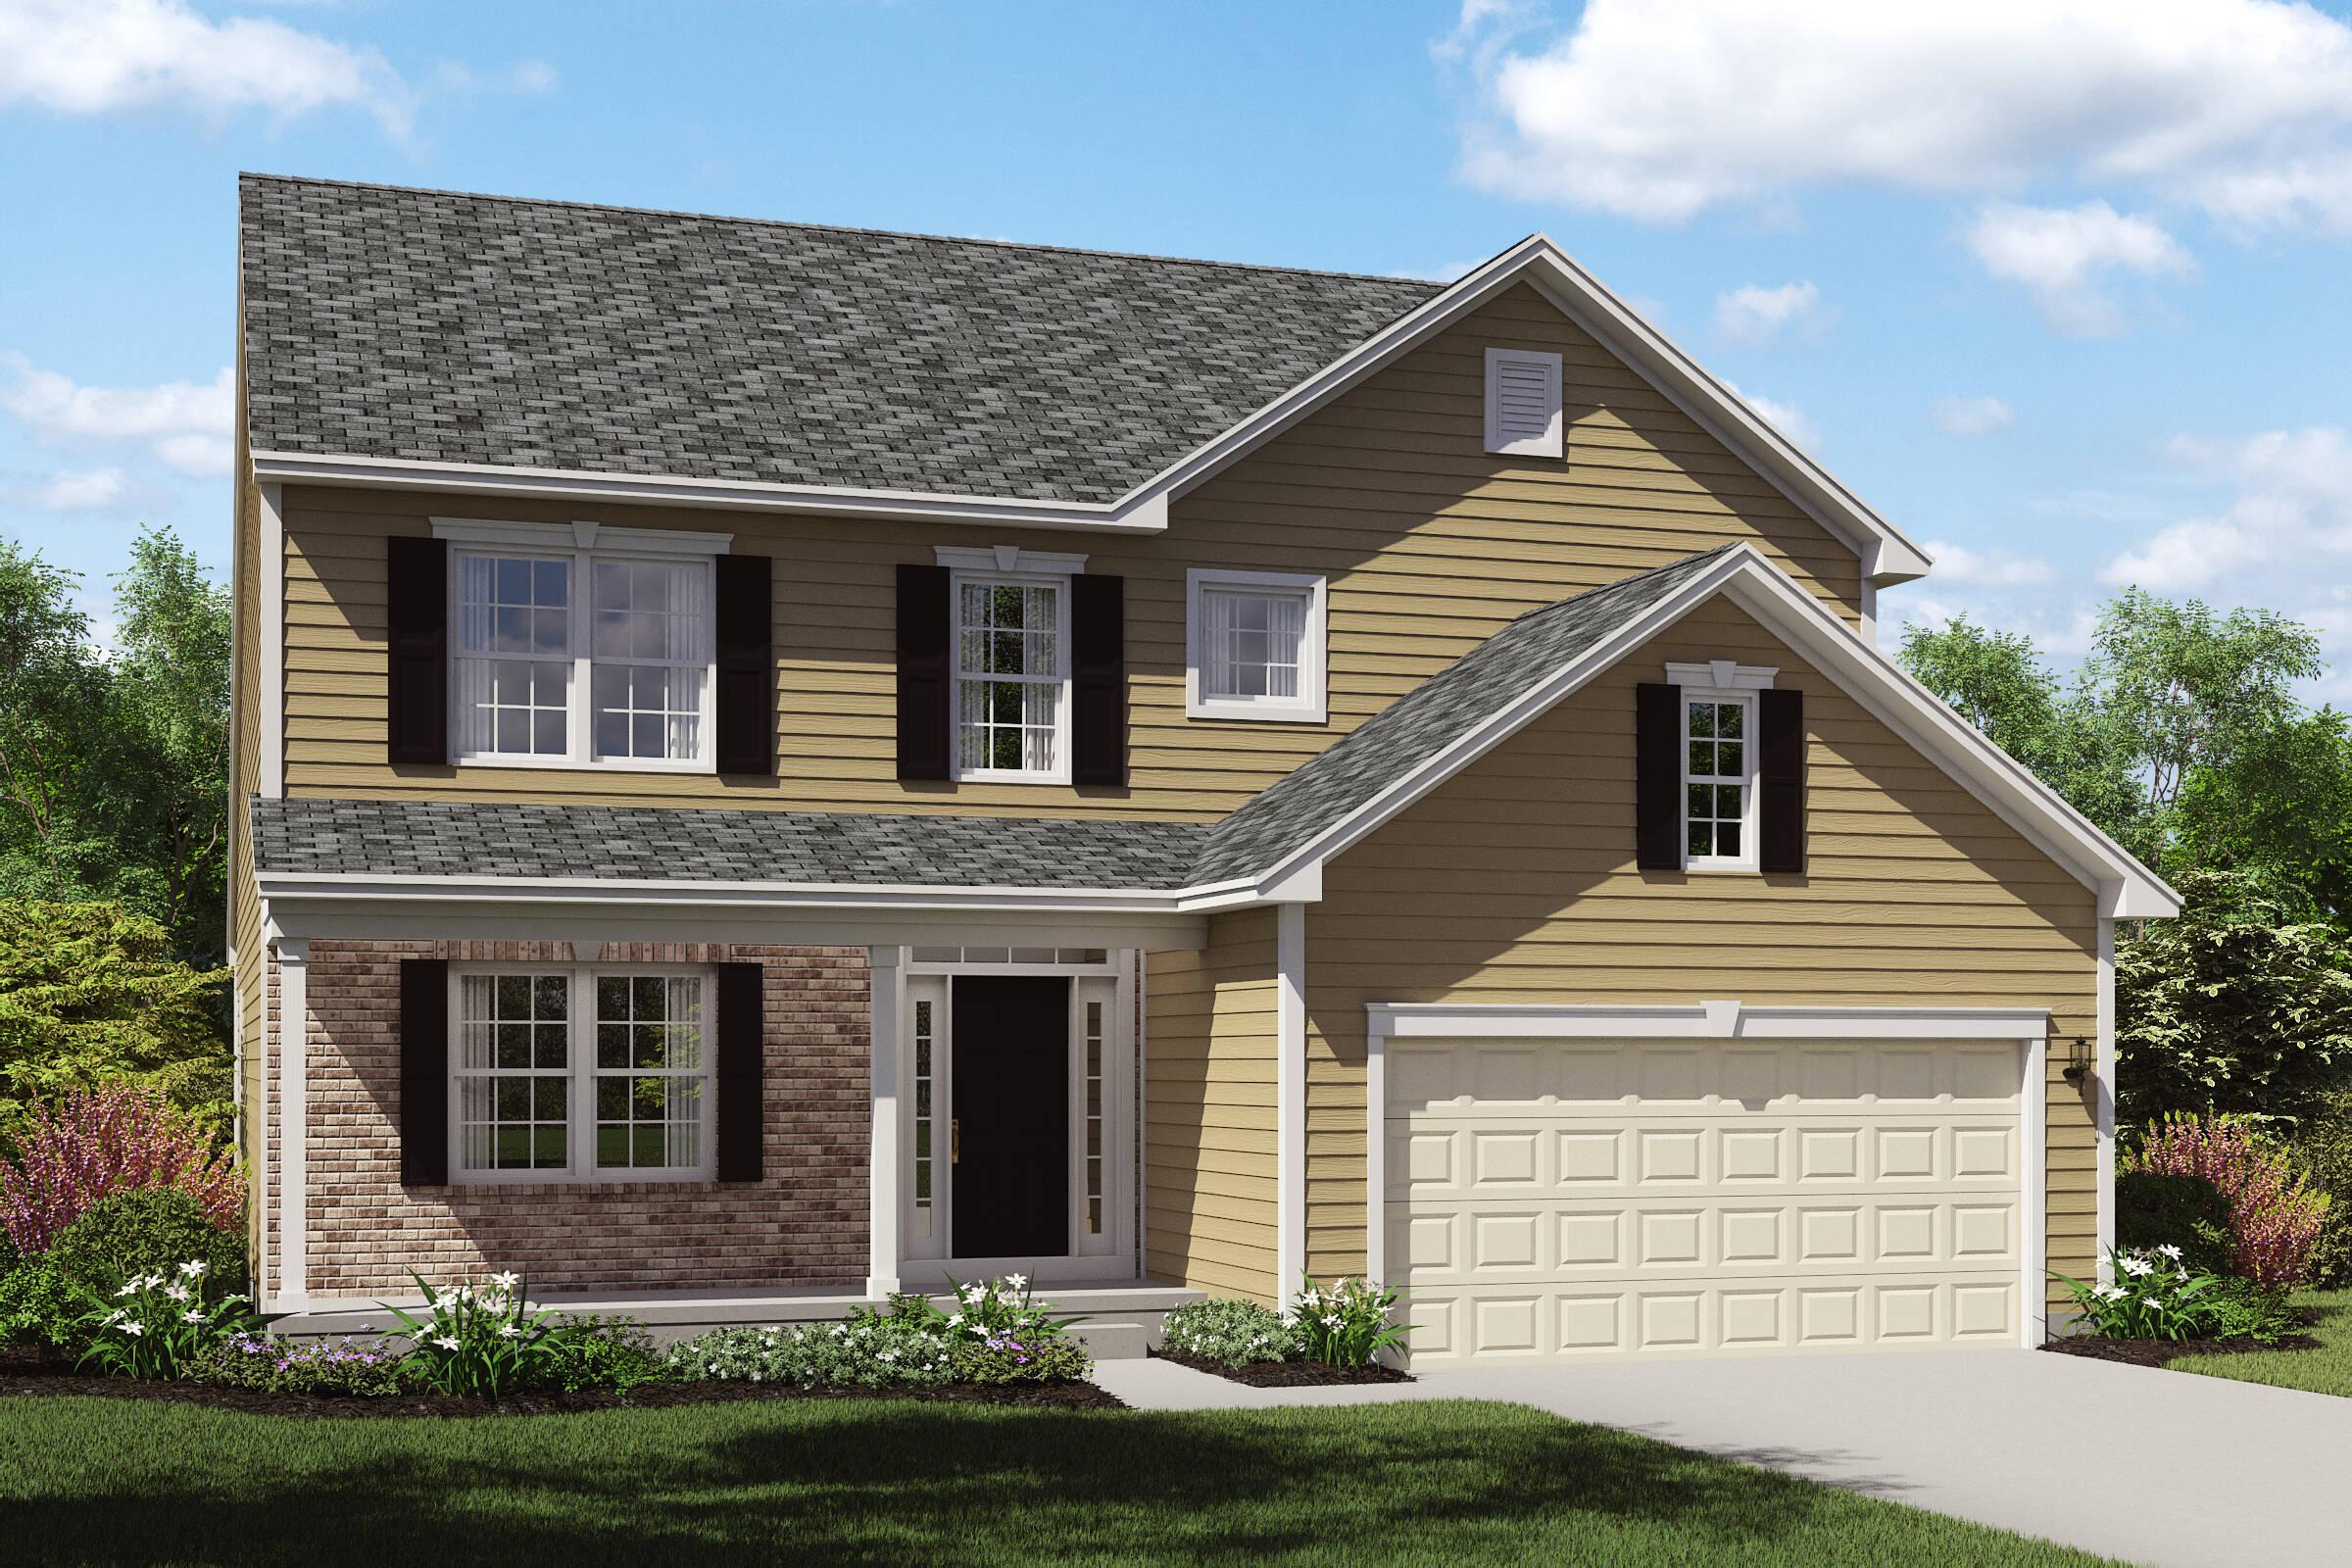 new homes with brick exterior oakridge C northeast ohio